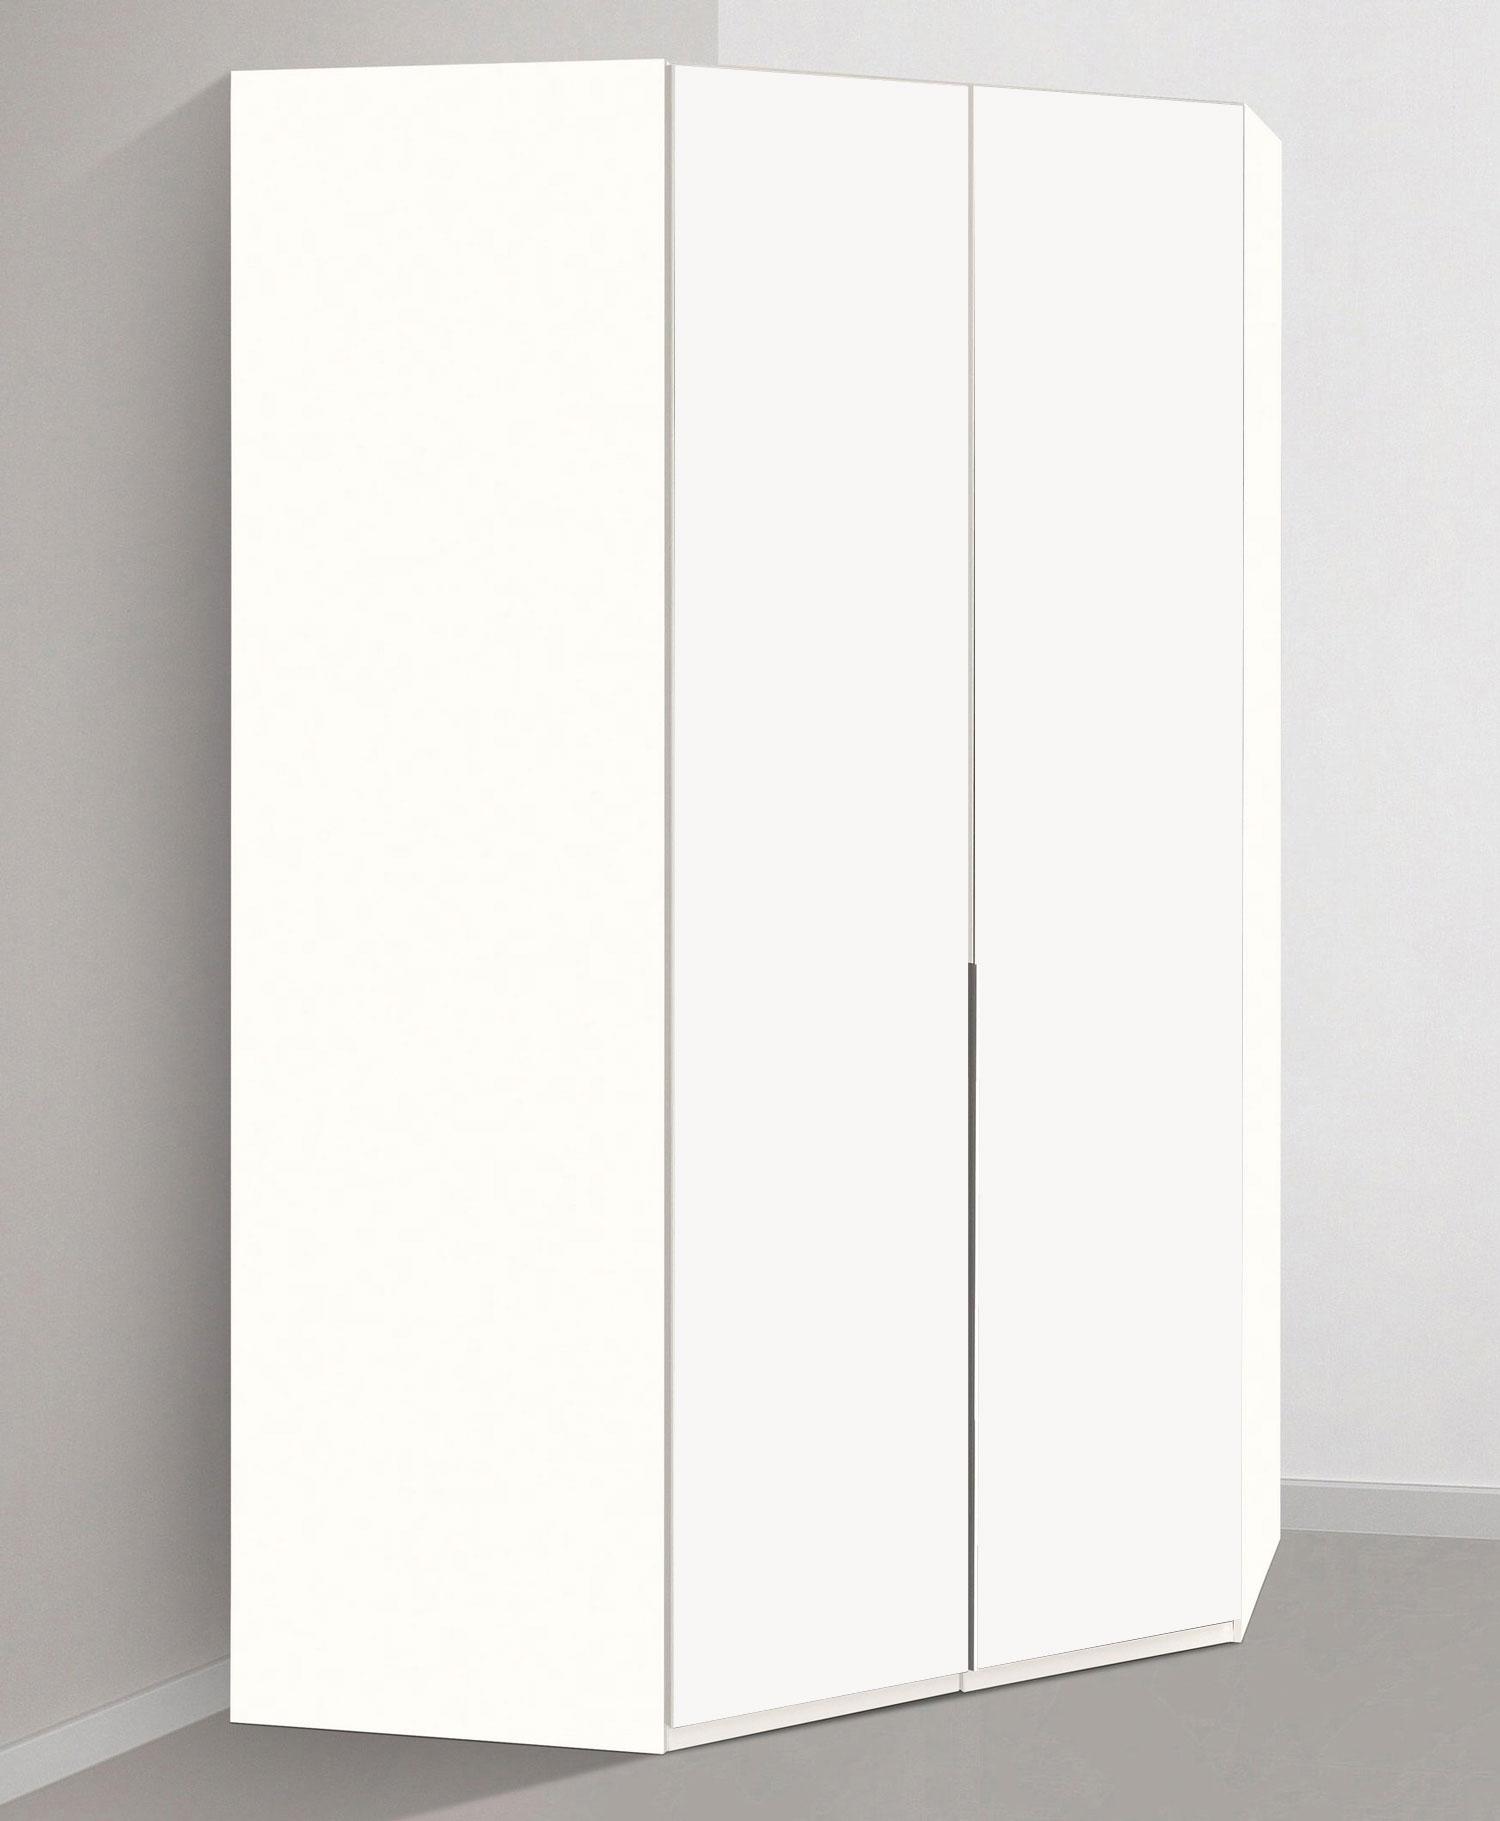 Full Size of Eckschrank Weiß Kleiderschrank Schrank New York 120x120cm Wei 14676 Bett 140x200 Weiße Betten Mit Schubladen Küche Weißes Schlafzimmer Regal 120x200 Regale Wohnzimmer Eckschrank Weiß